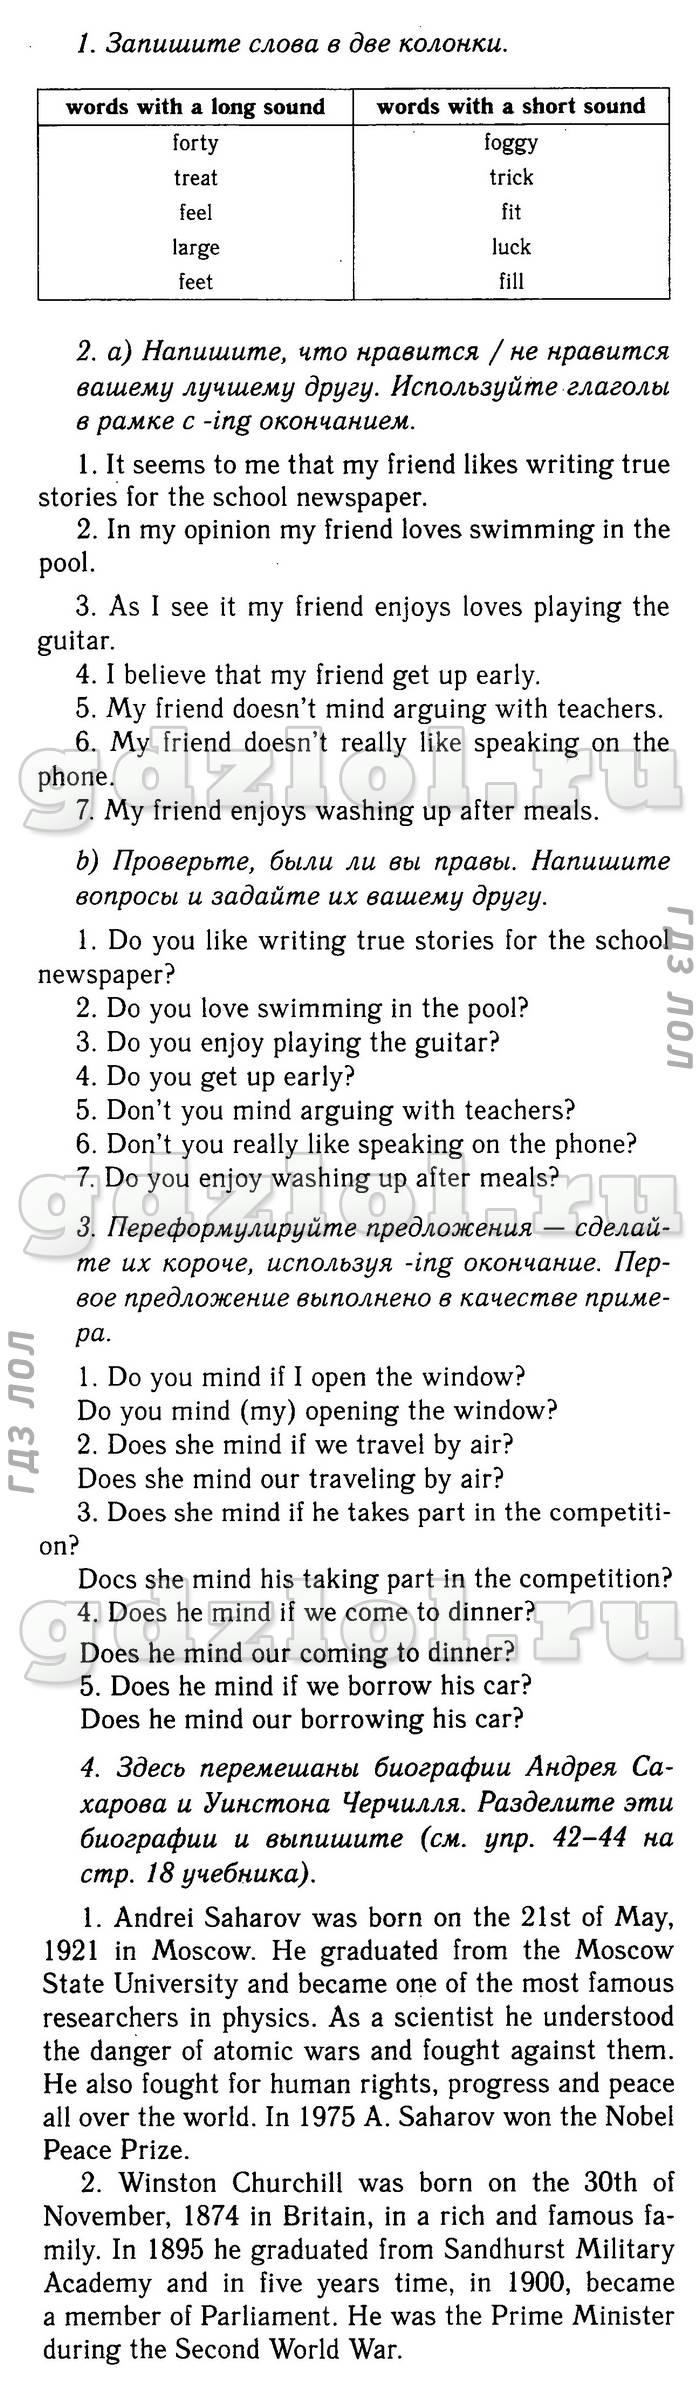 английский язык 7 класс рабочая тетрадь биболетова фгос гдз